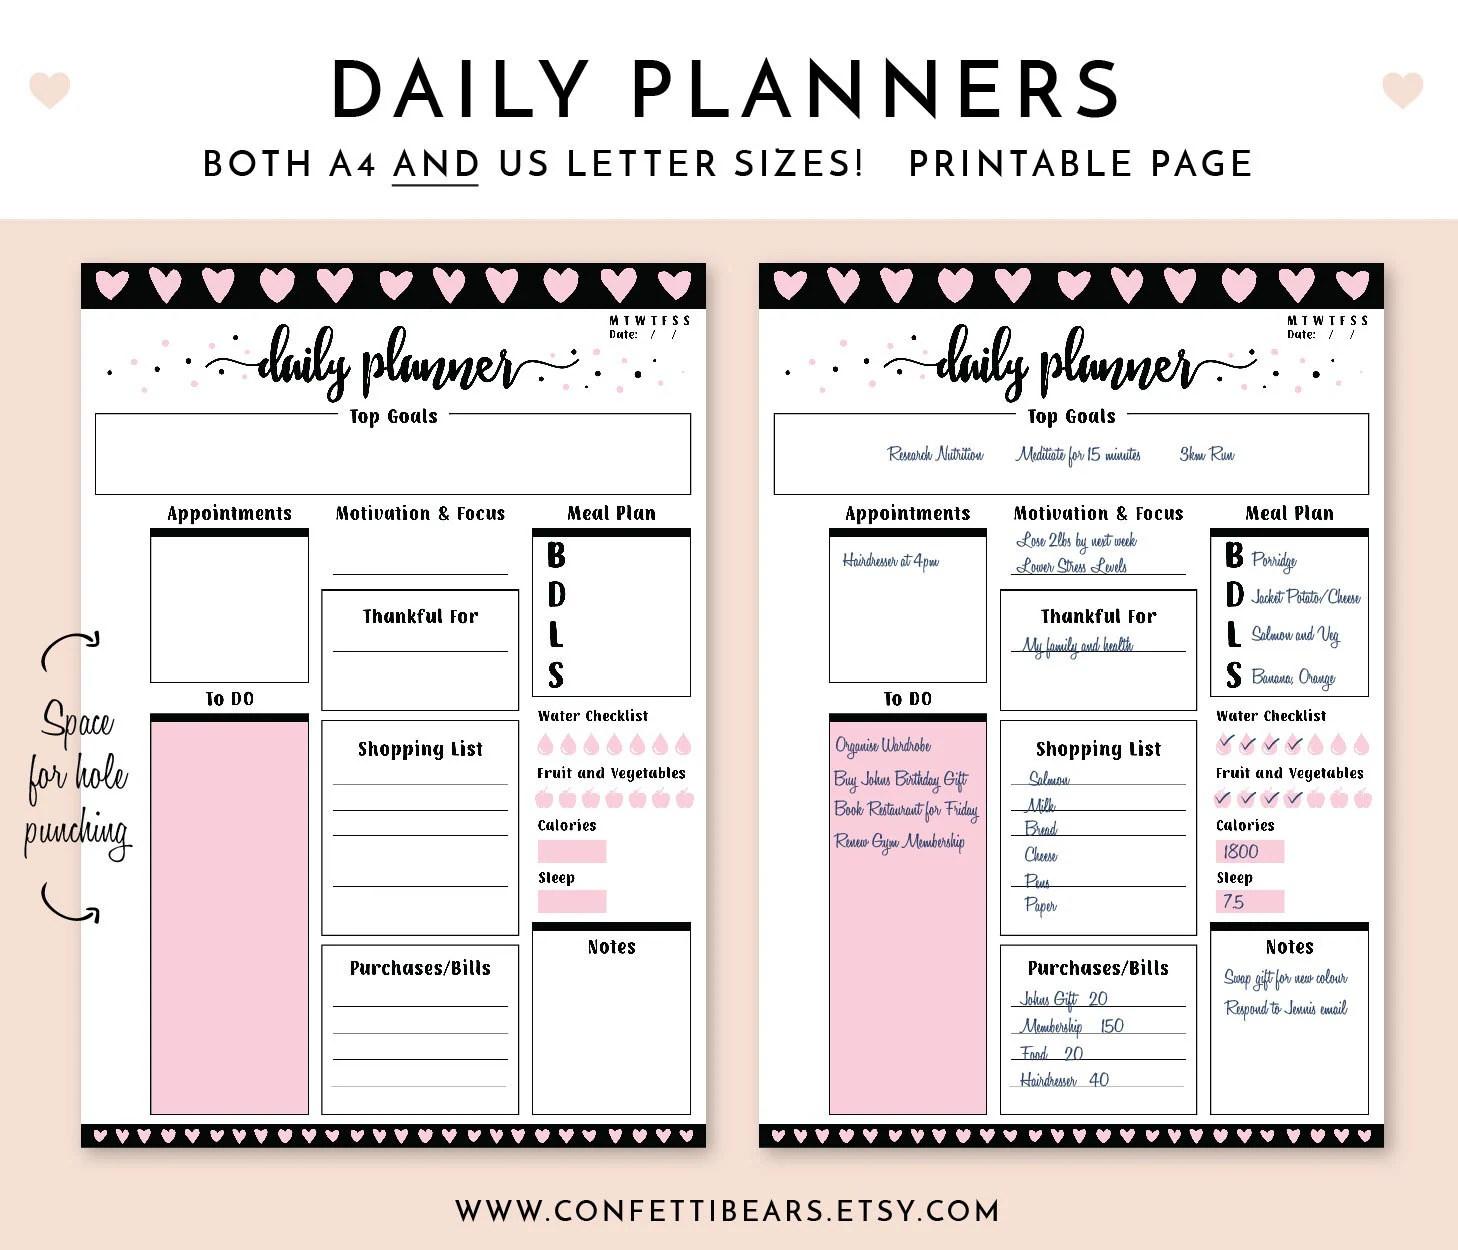 Daily Planner Goal Setting Printable Planner Planner